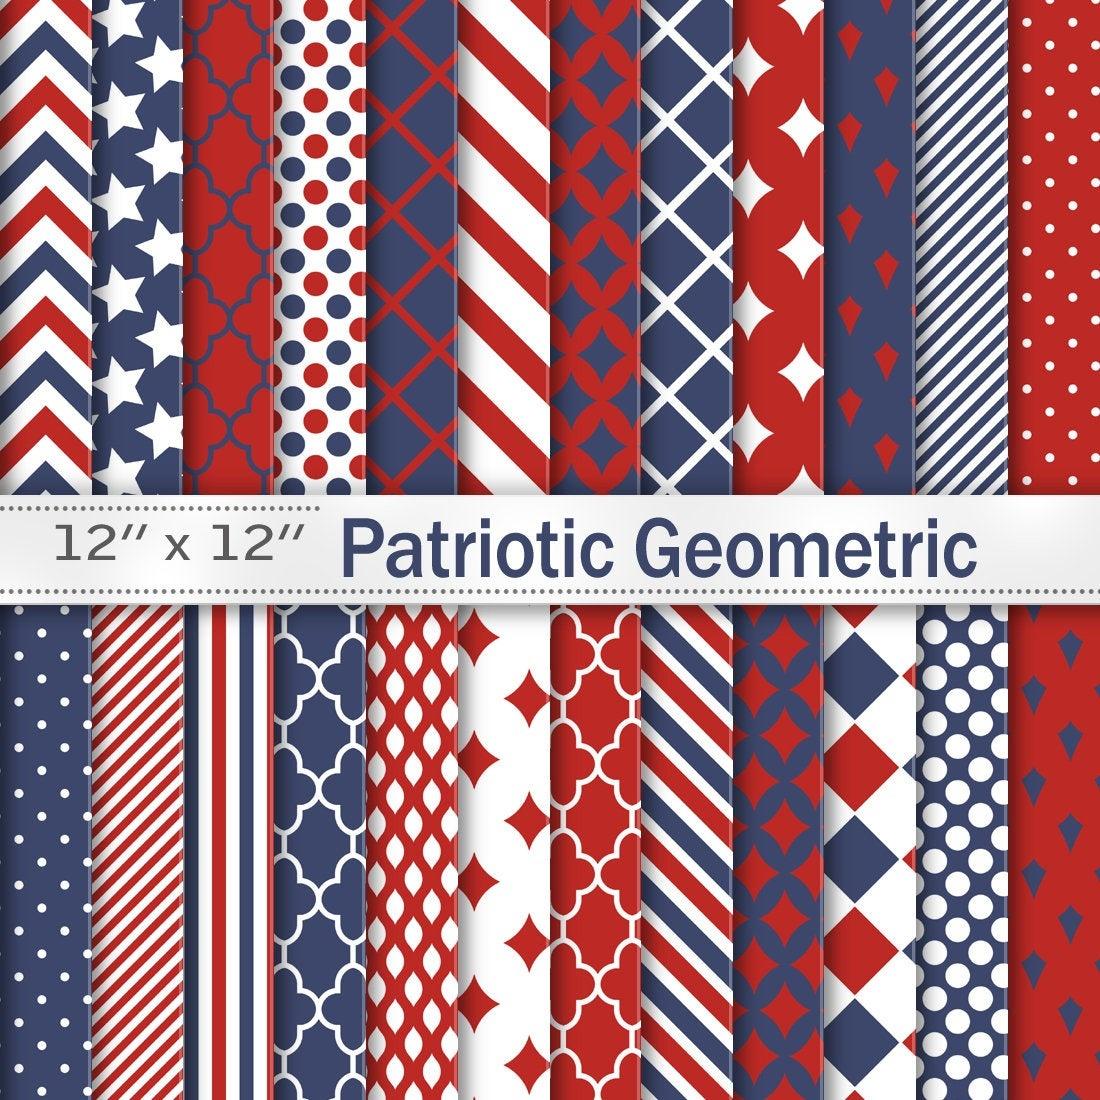 Patriotic 4Th Of July Digital Scrapbook Papers Red Navy | Etsy - Free Printable Patriotic Scrapbook Paper